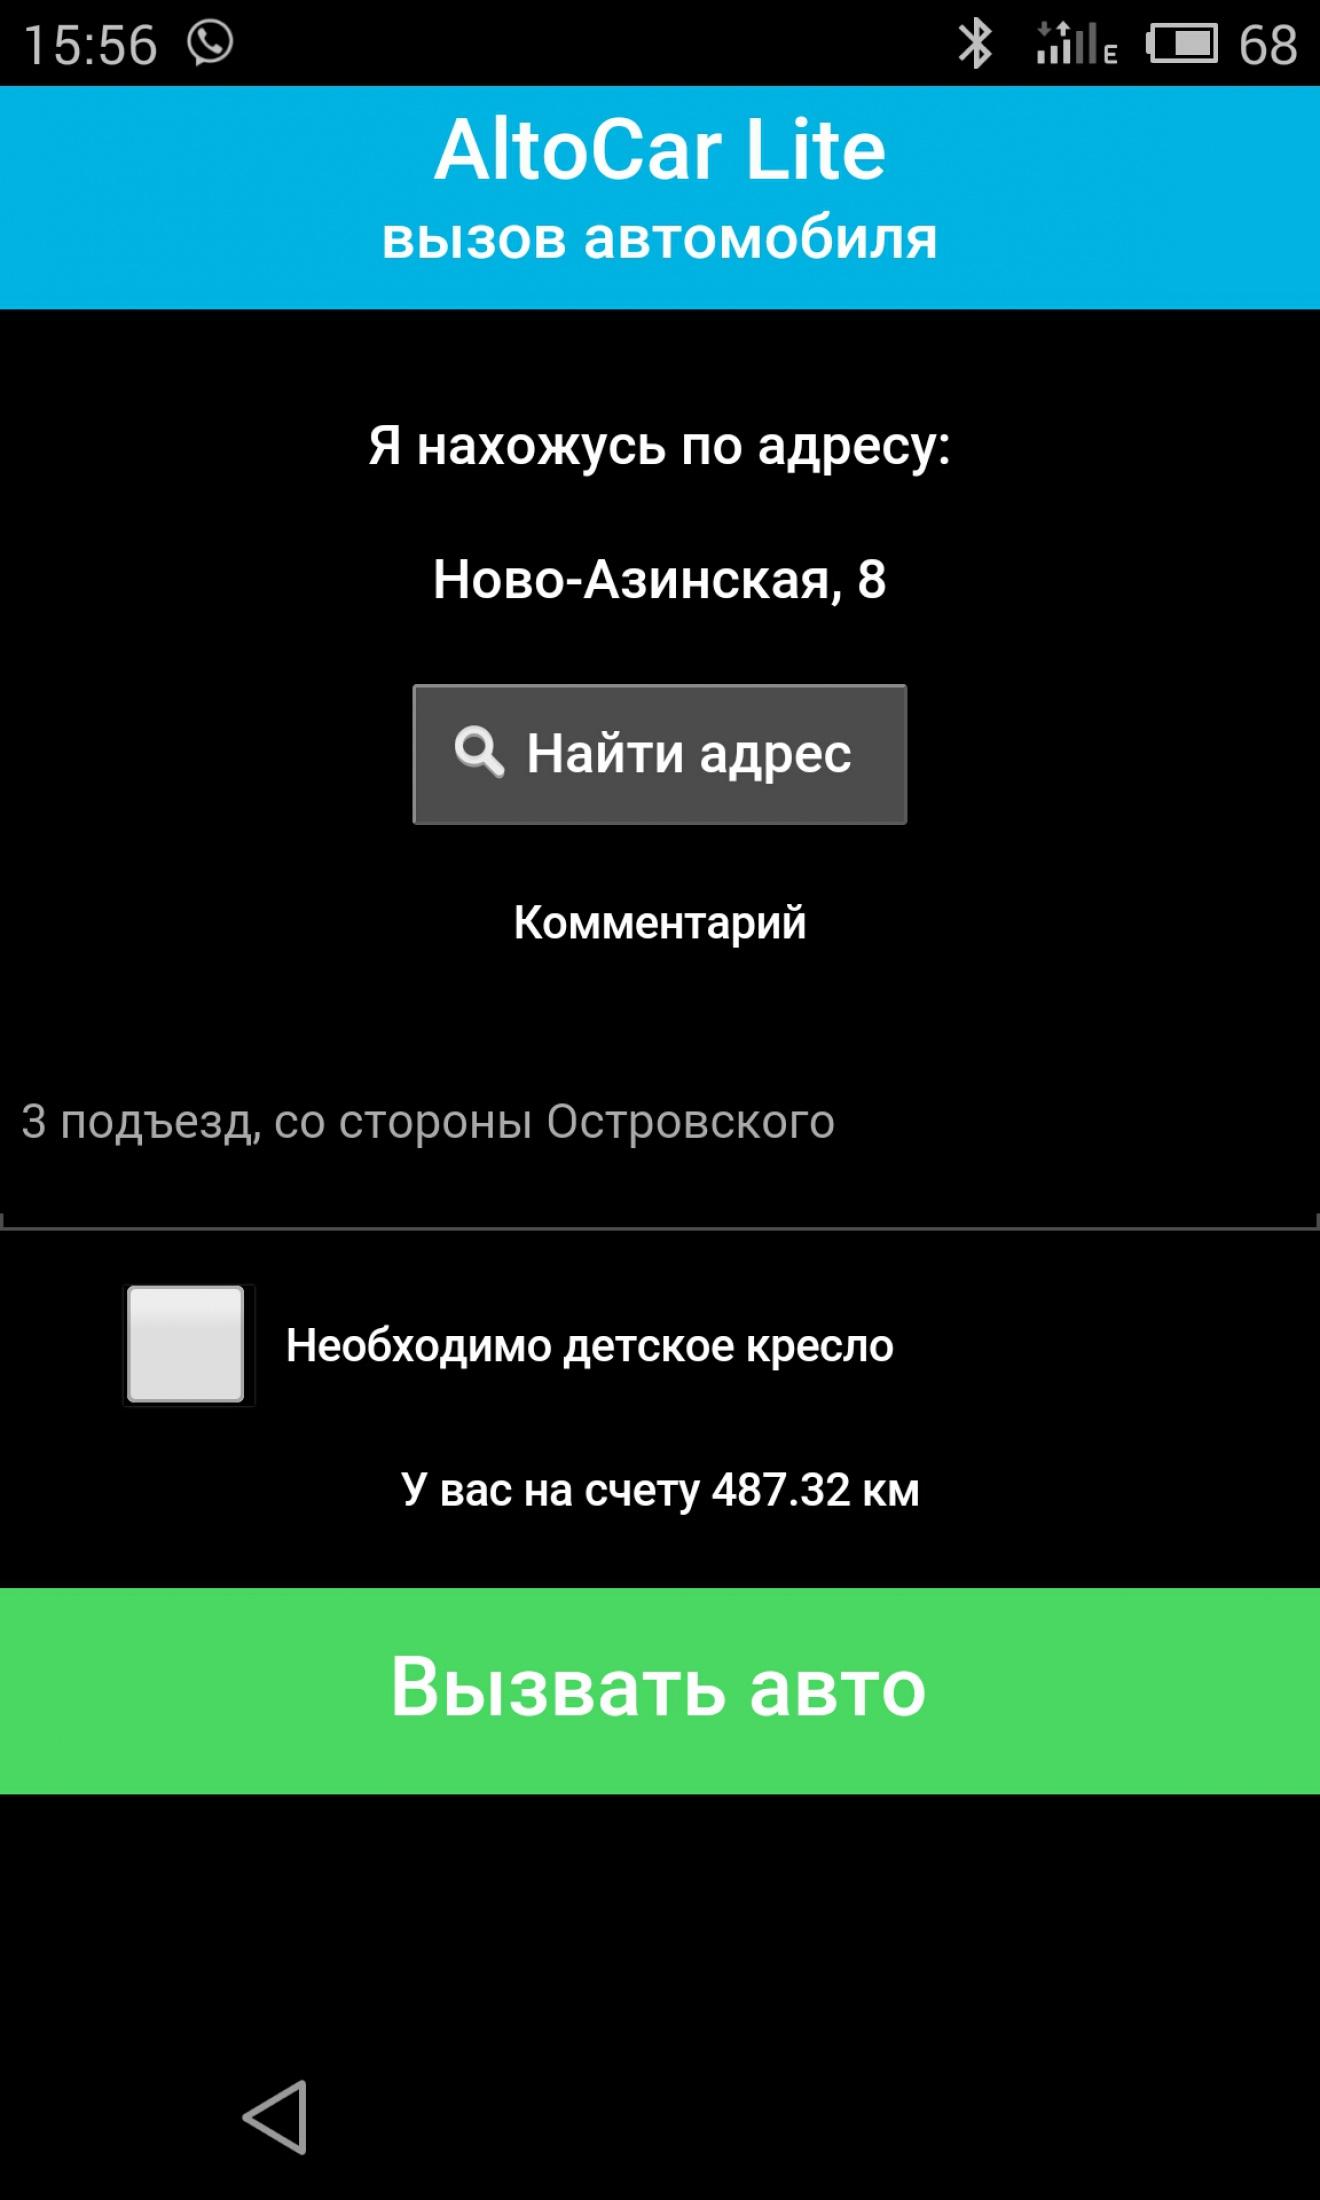 Экран вызова такси (170.95КБ)